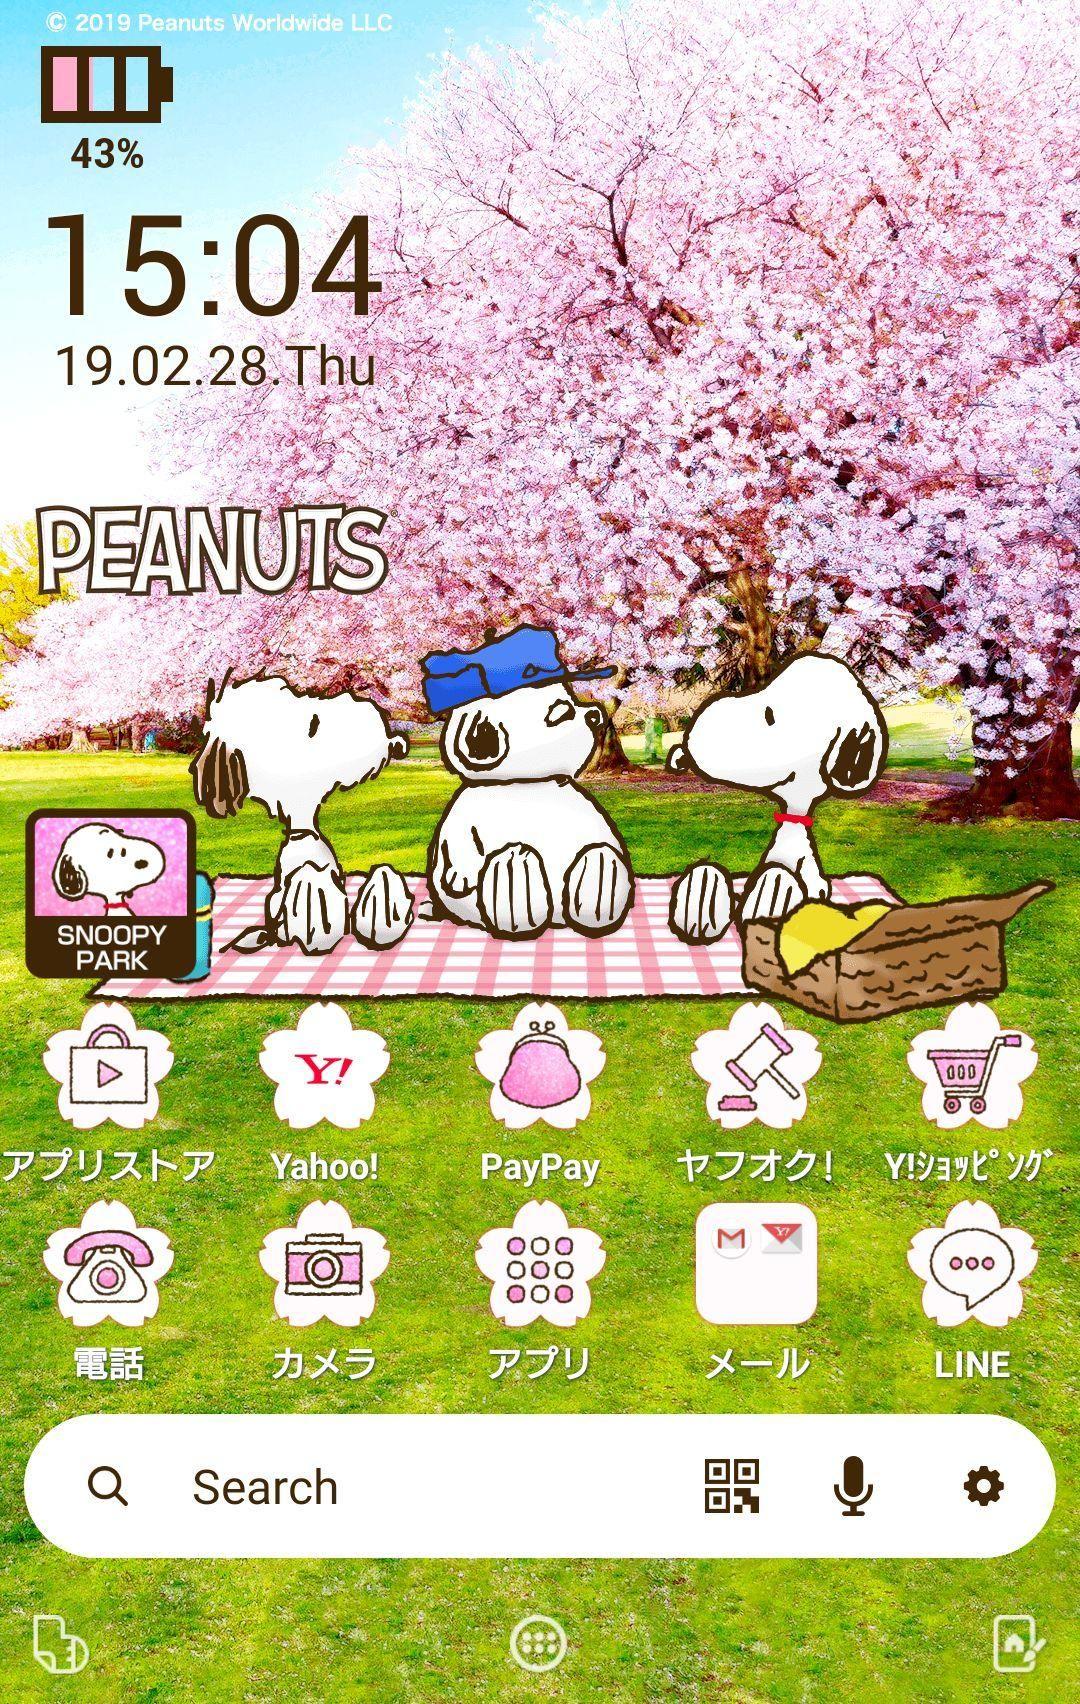 スヌーピーの公式きせかえテーマに春の桜デザインが新登場 壁紙